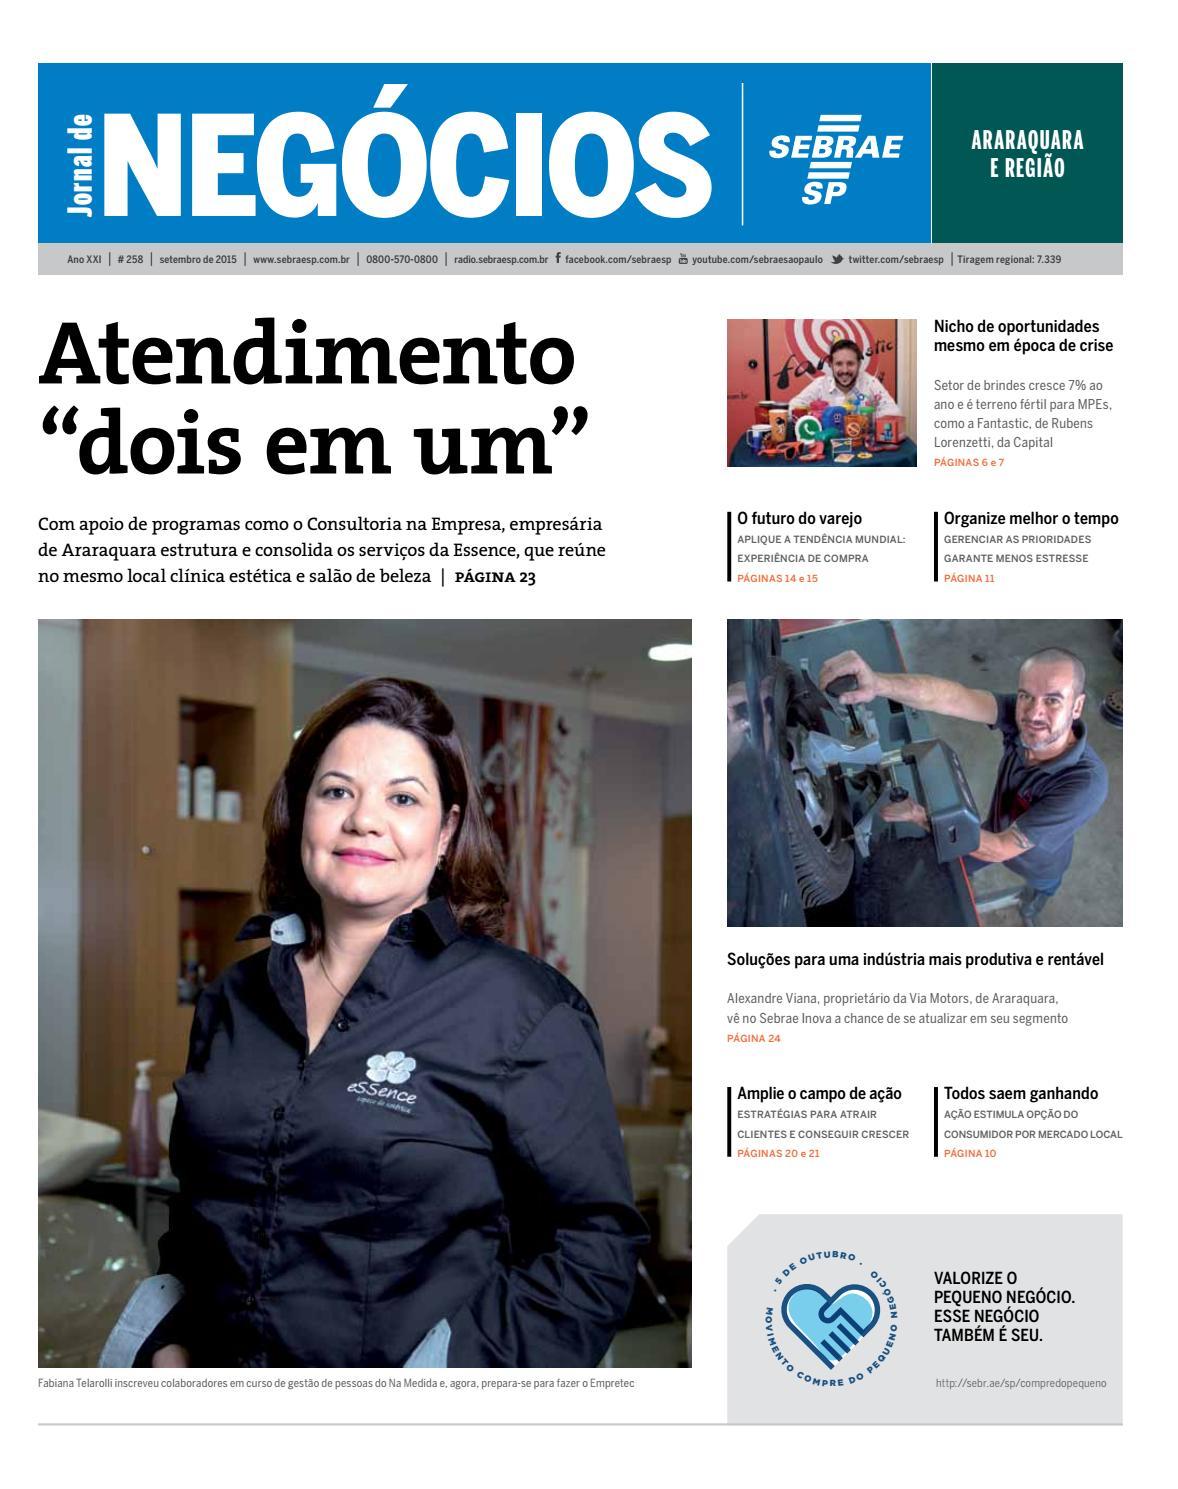 00ec60ca4 Jornal de Negócios Sebrae-SP - 01 de setembro de 2015 - Araraquara e Região  by Sebrae-SP - issuu